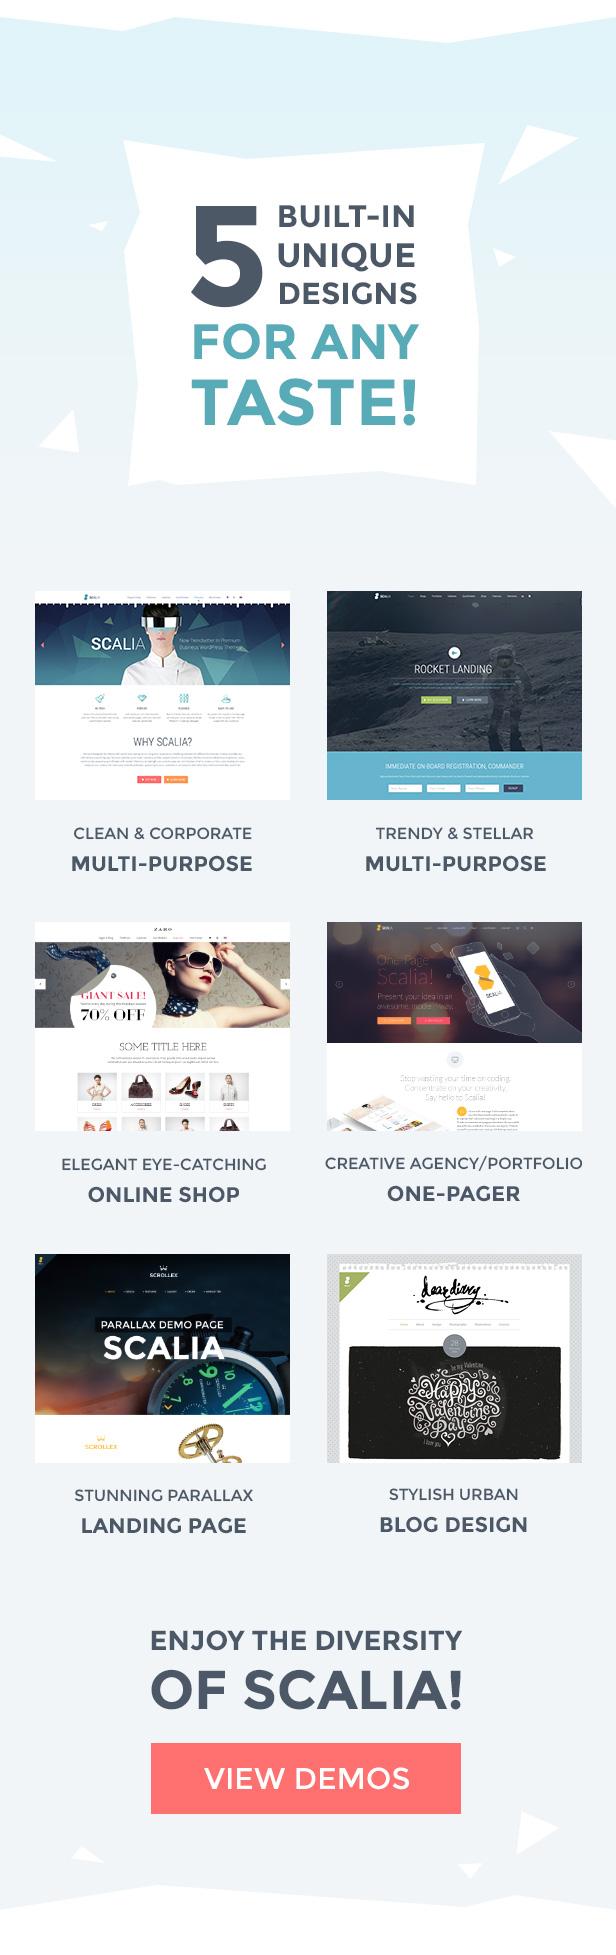 سكاليا - عمل متعدد المفاهيم ، تسوق ، صفحة واحدة ، سمة مدونة - 1